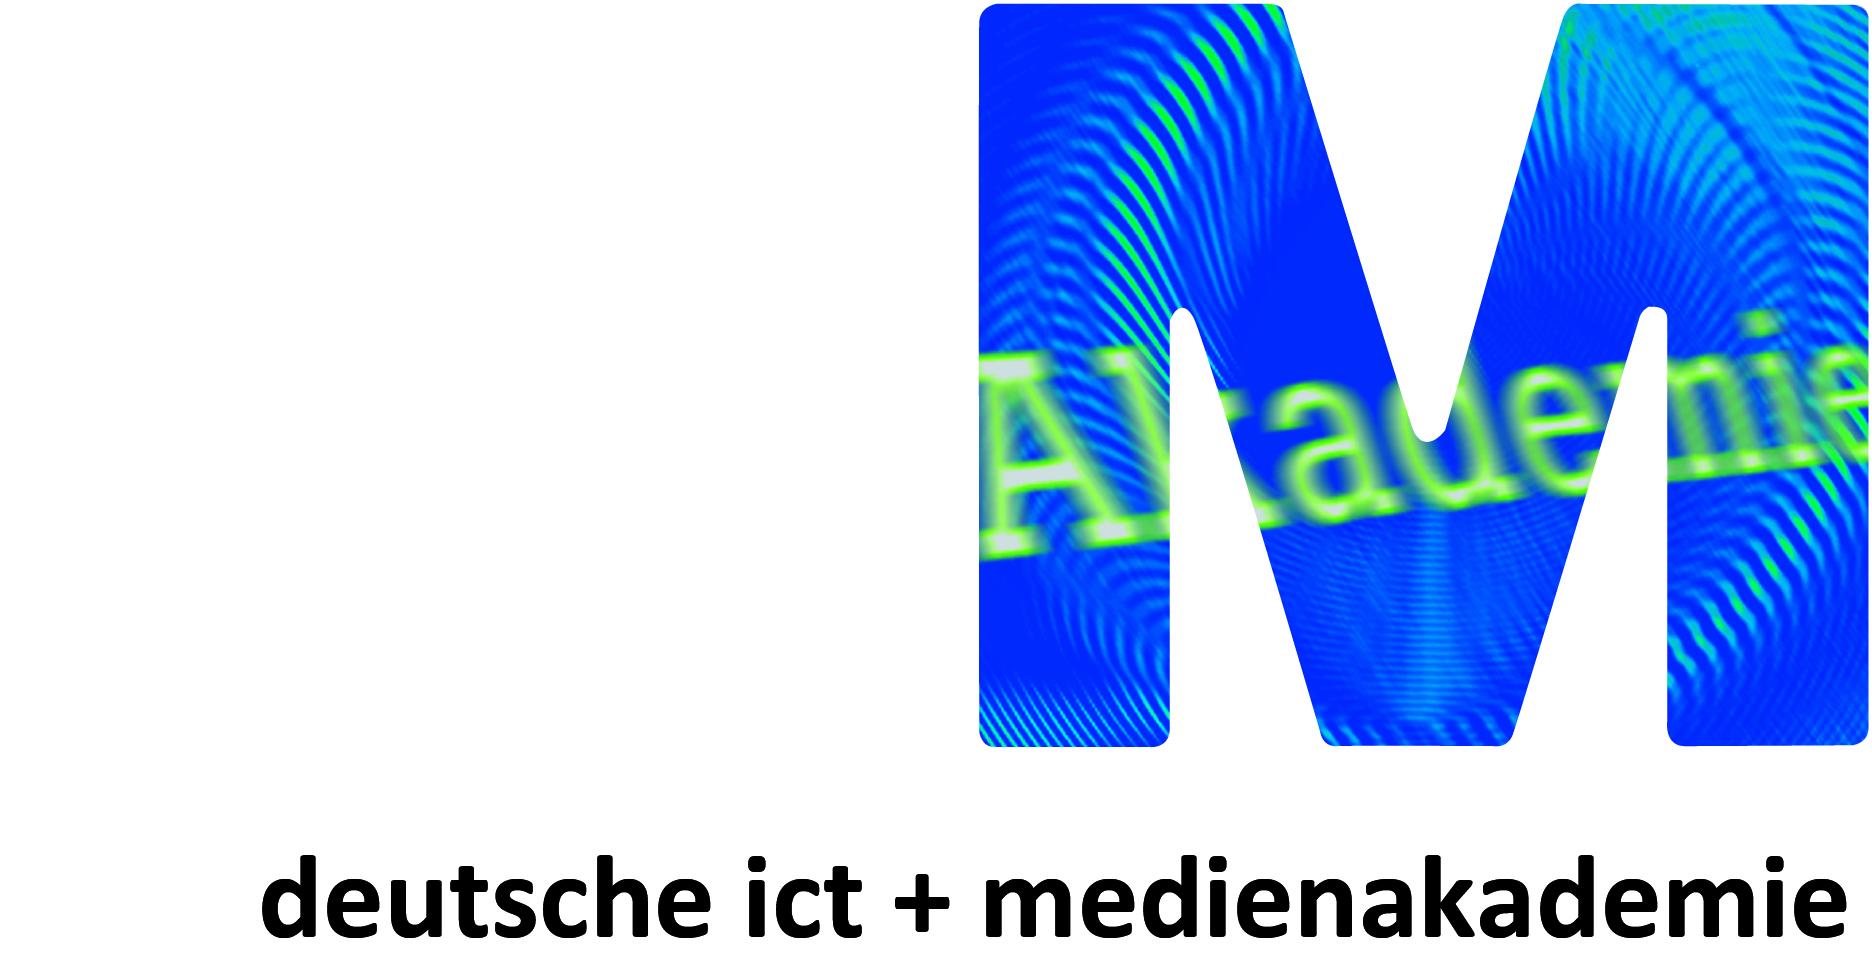 deutsche ict + medienakademie